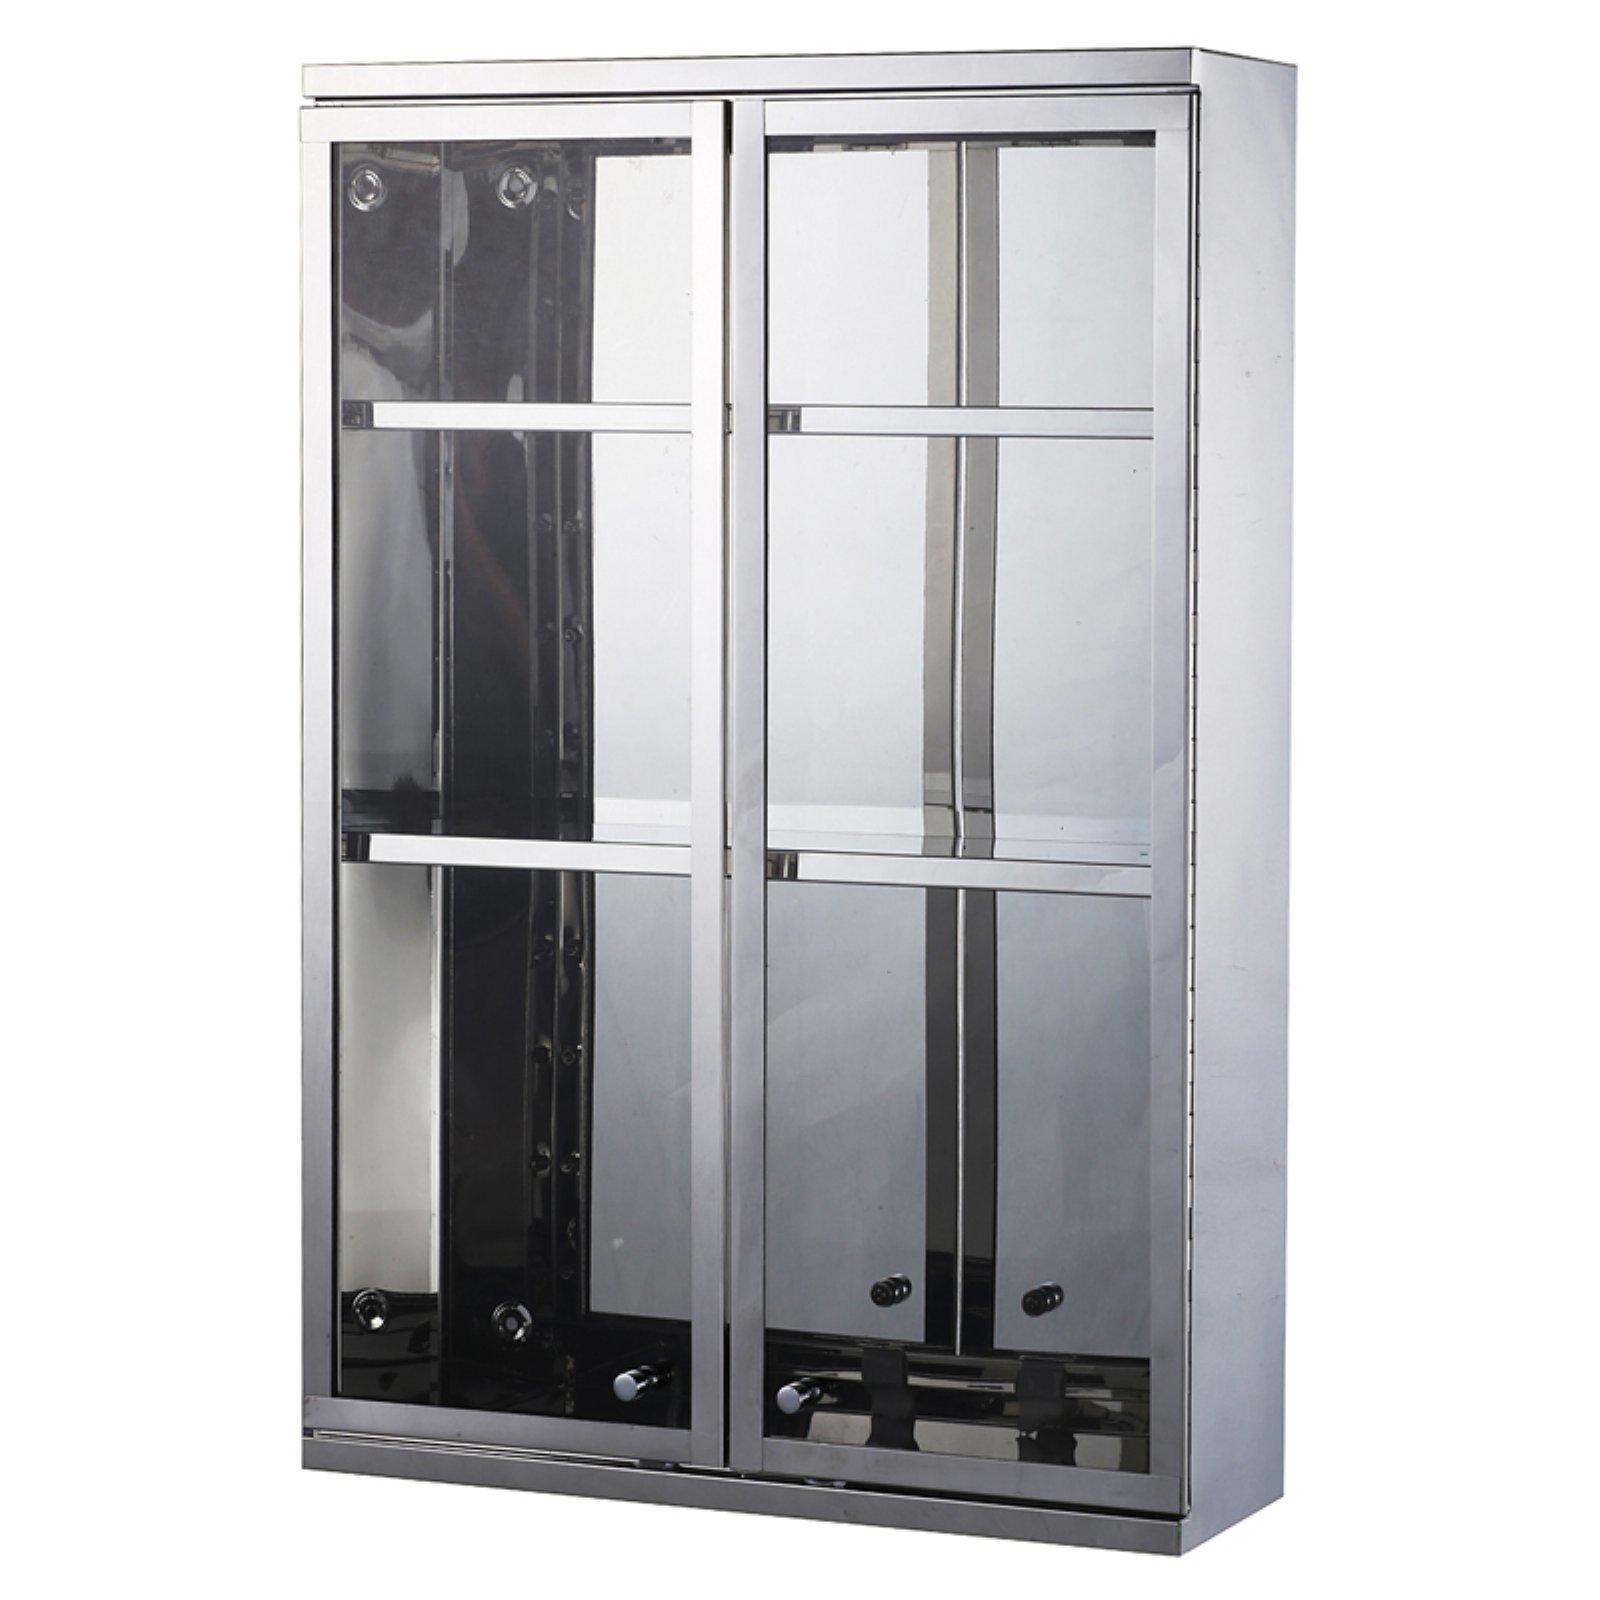 HomCom Stainless Steel Double Door Display Wall Cabinet